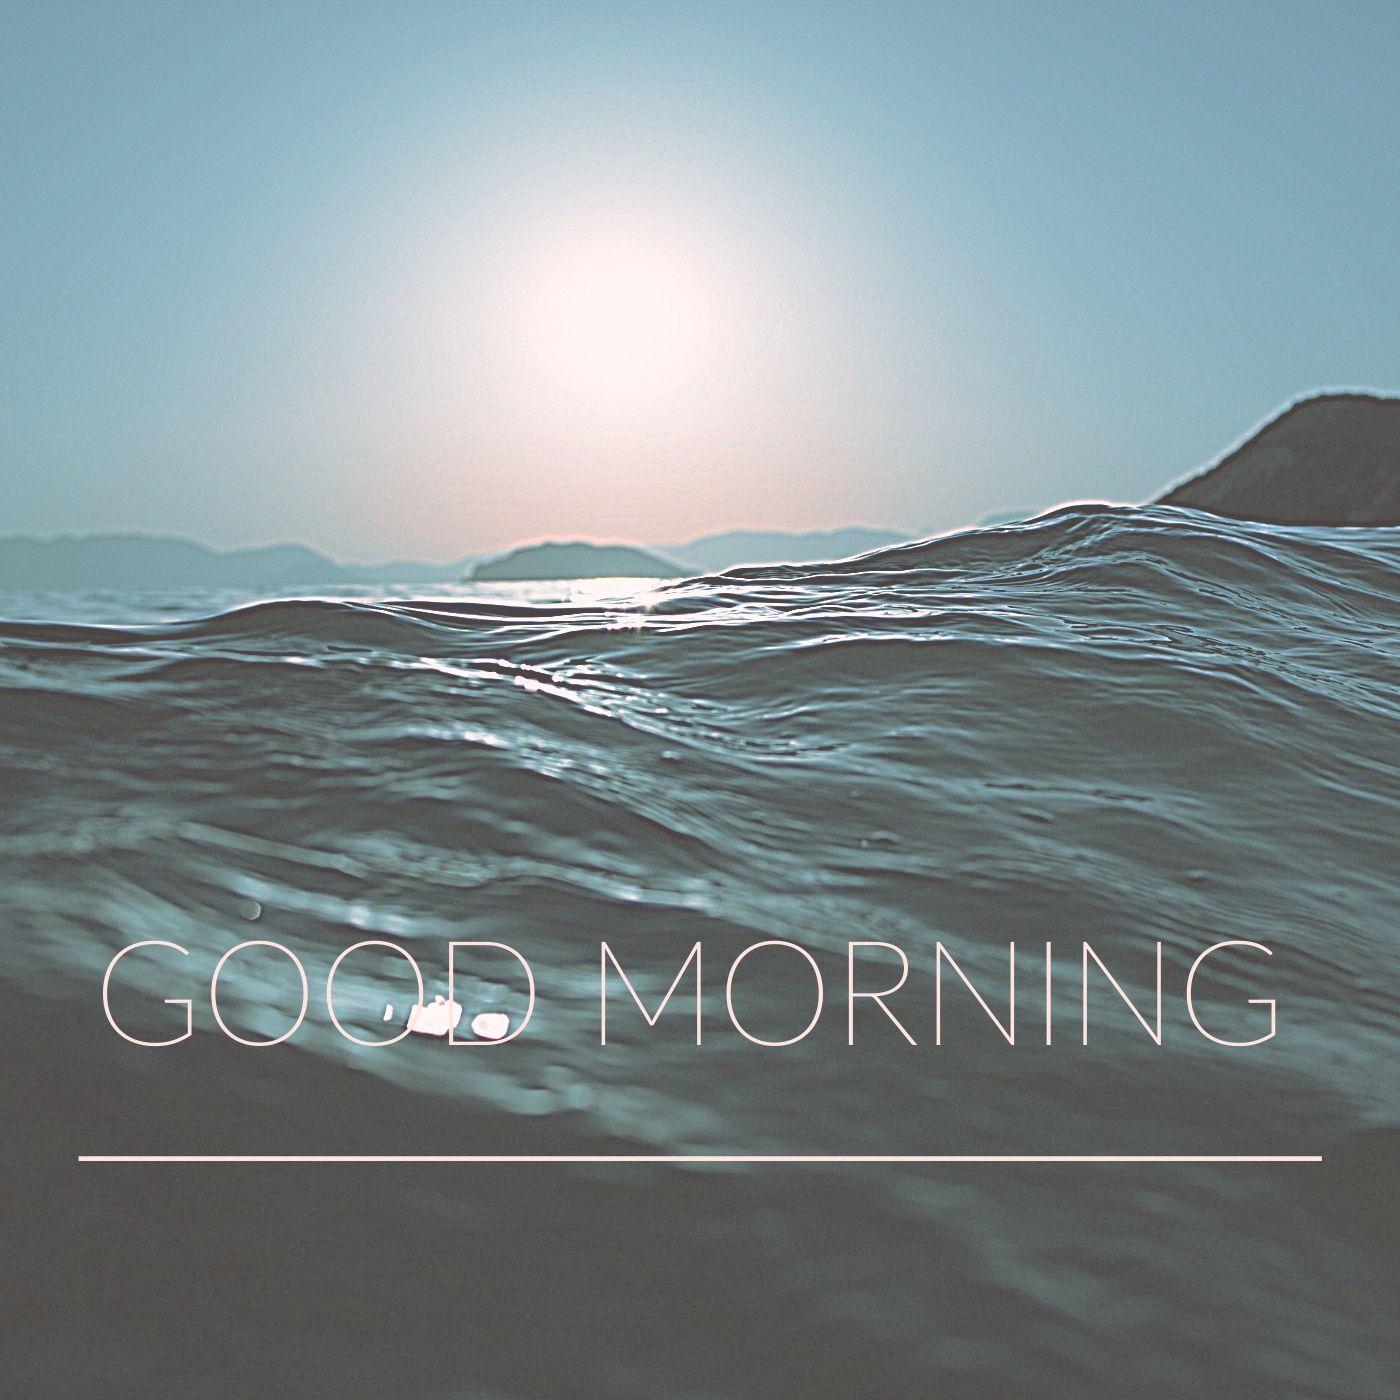 Good Morning Sun Rising Beyond River full HD free download.